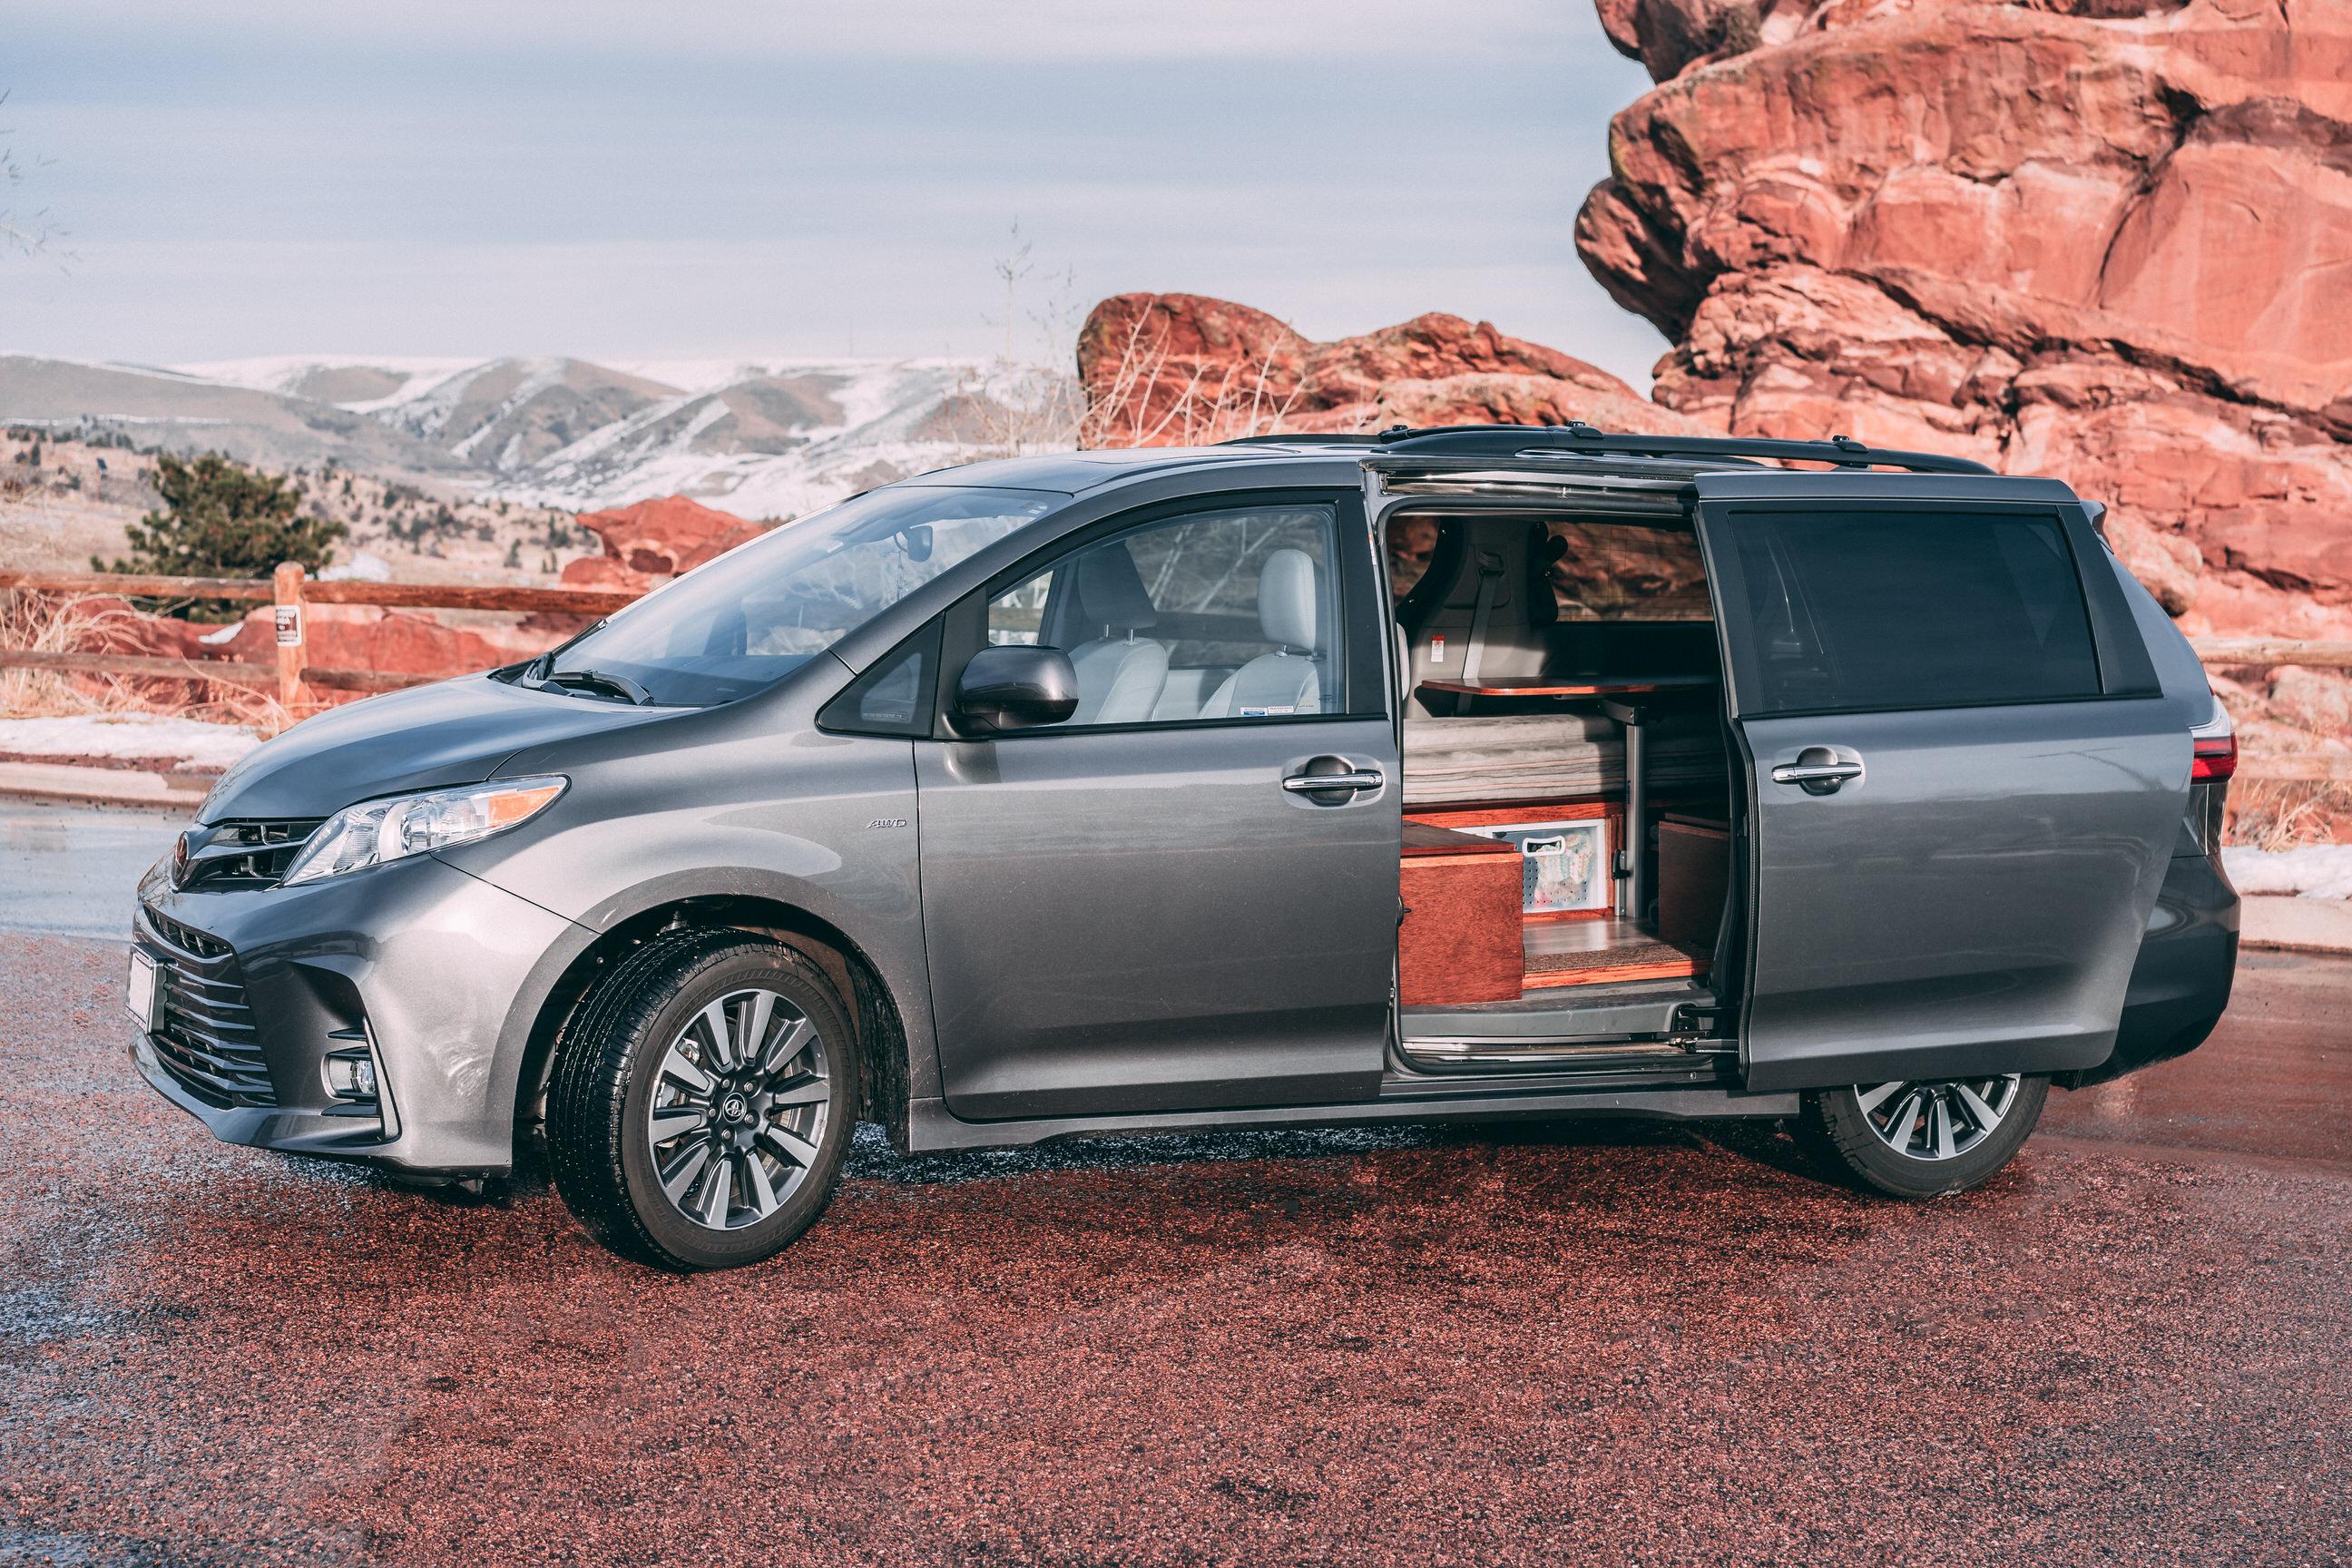 Minivan transforms into two-person camper for $8.5K